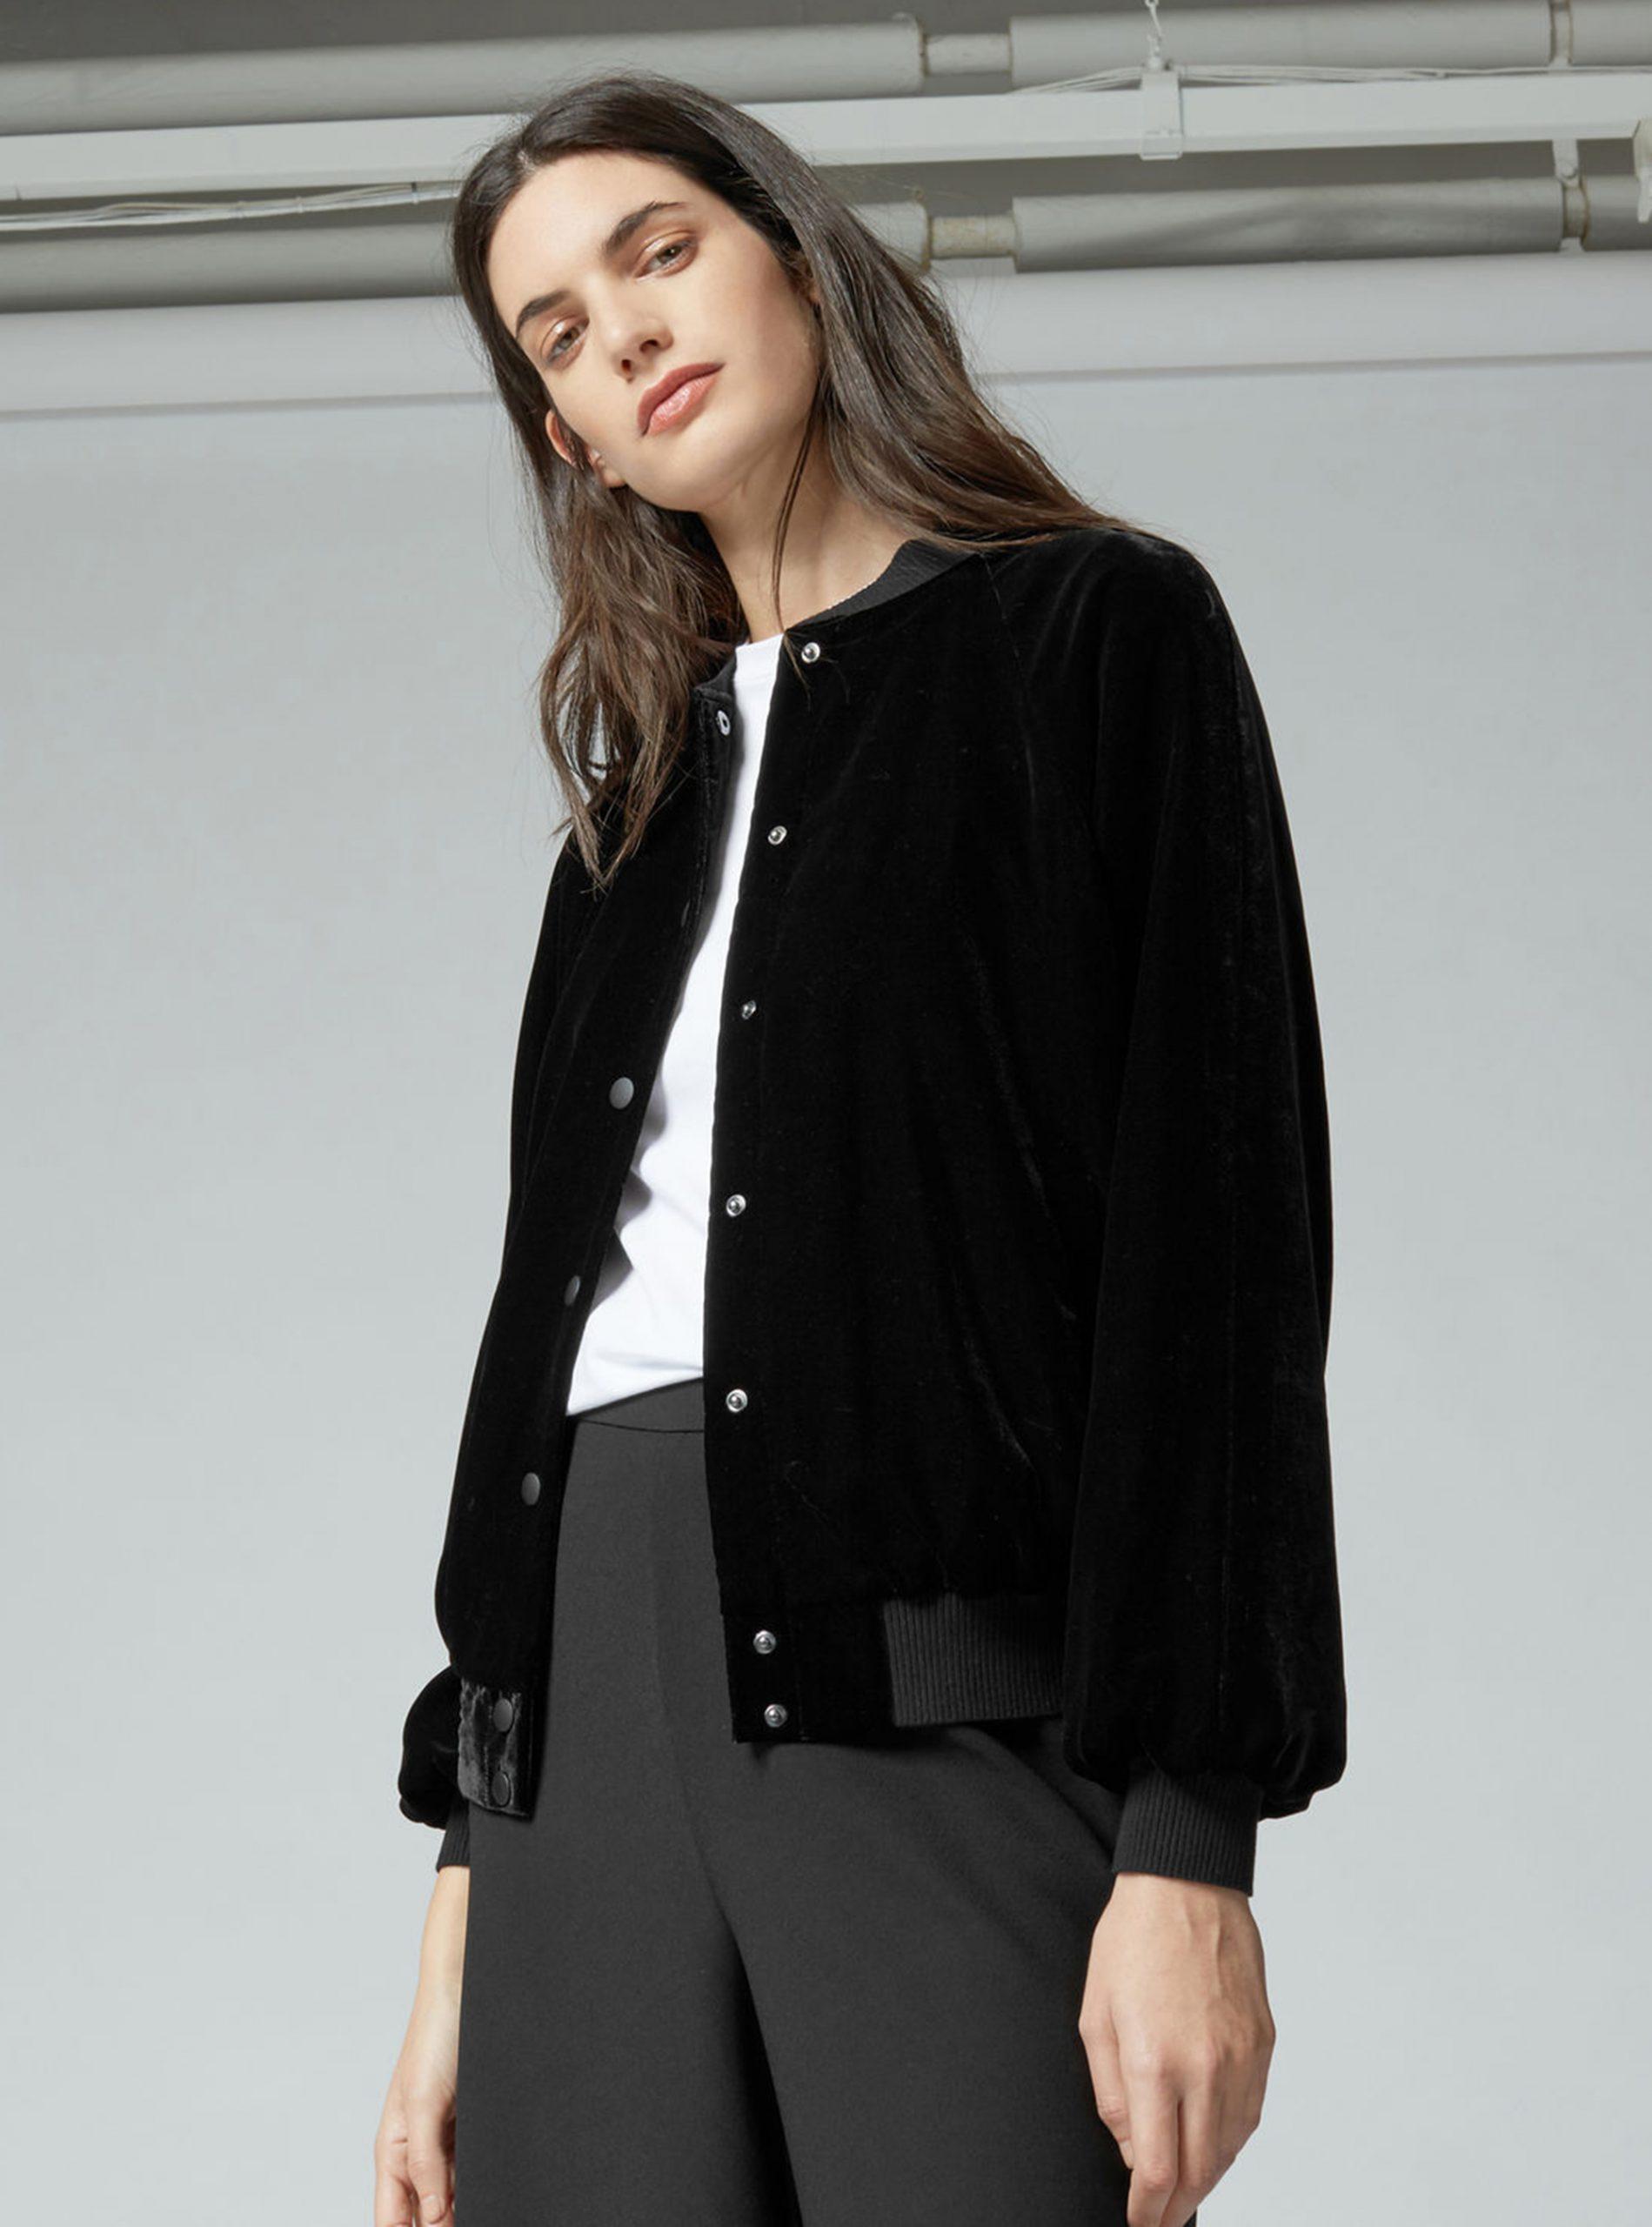 Velvet jacket year 80